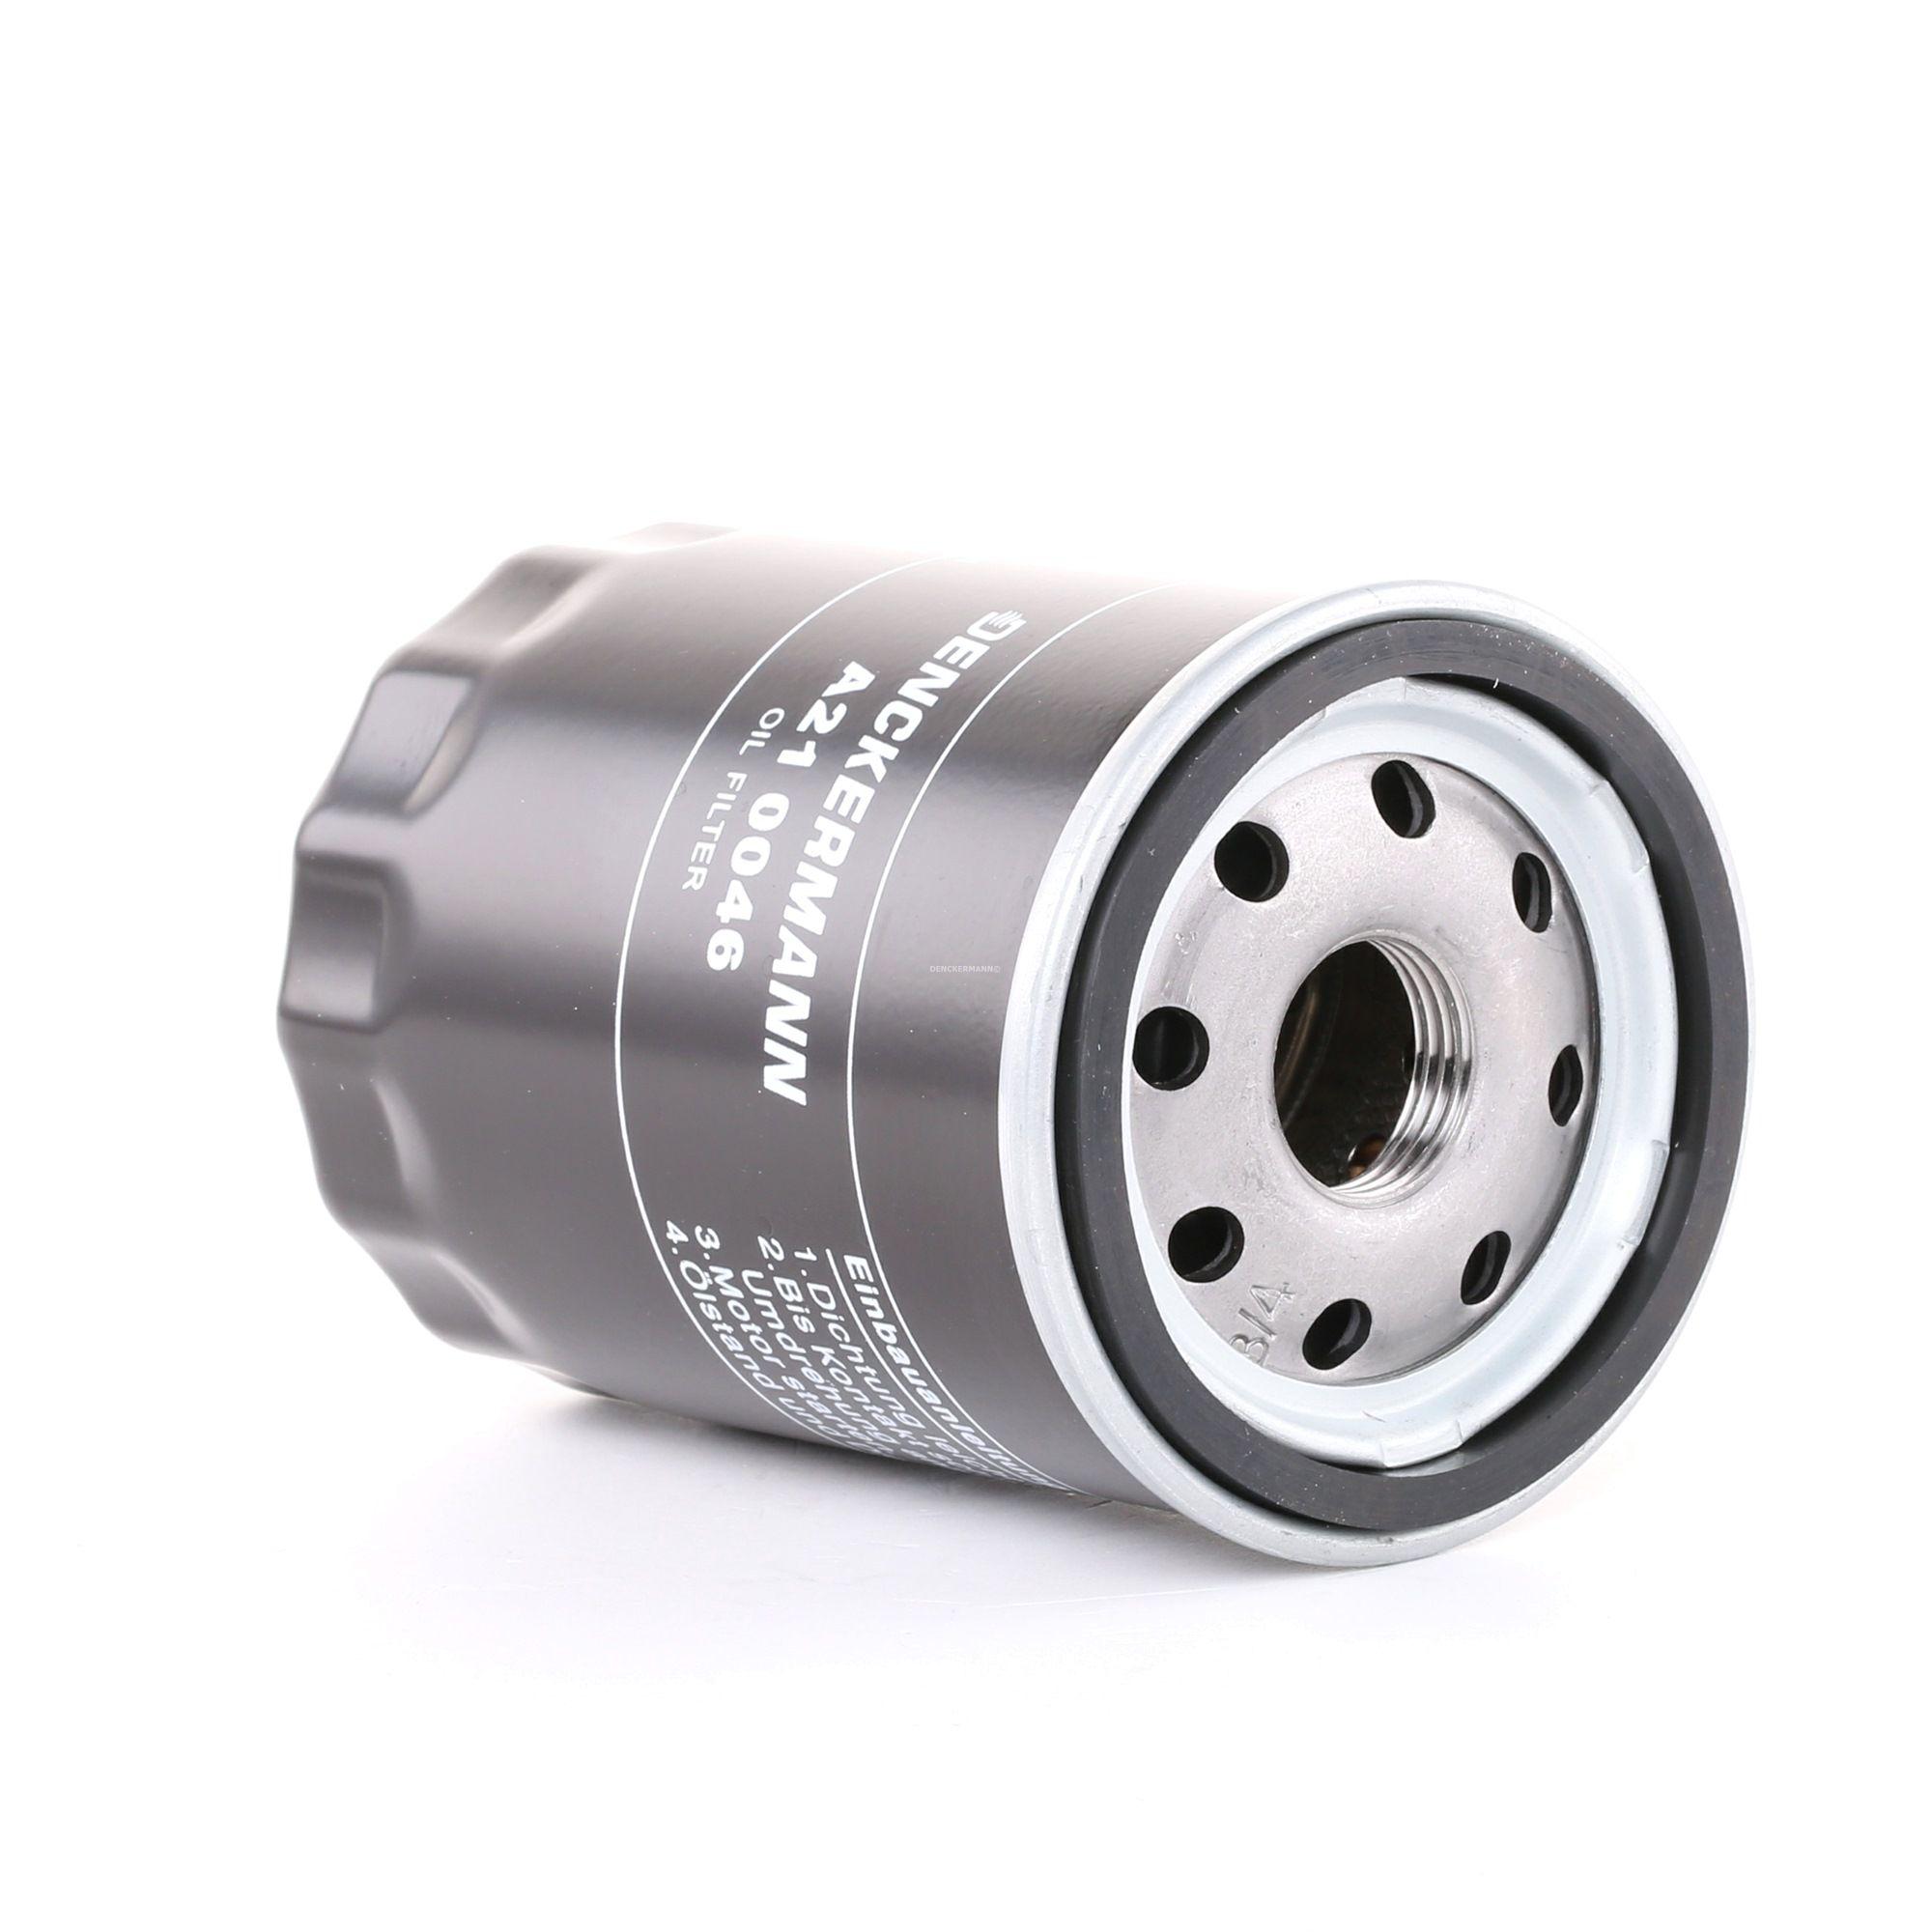 A210046 DENCKERMANN Anschraubfilter Innendurchmesser 2: 55mm, Innendurchmesser 2: 63mm, Höhe: 92mm Ölfilter A210046 günstig kaufen